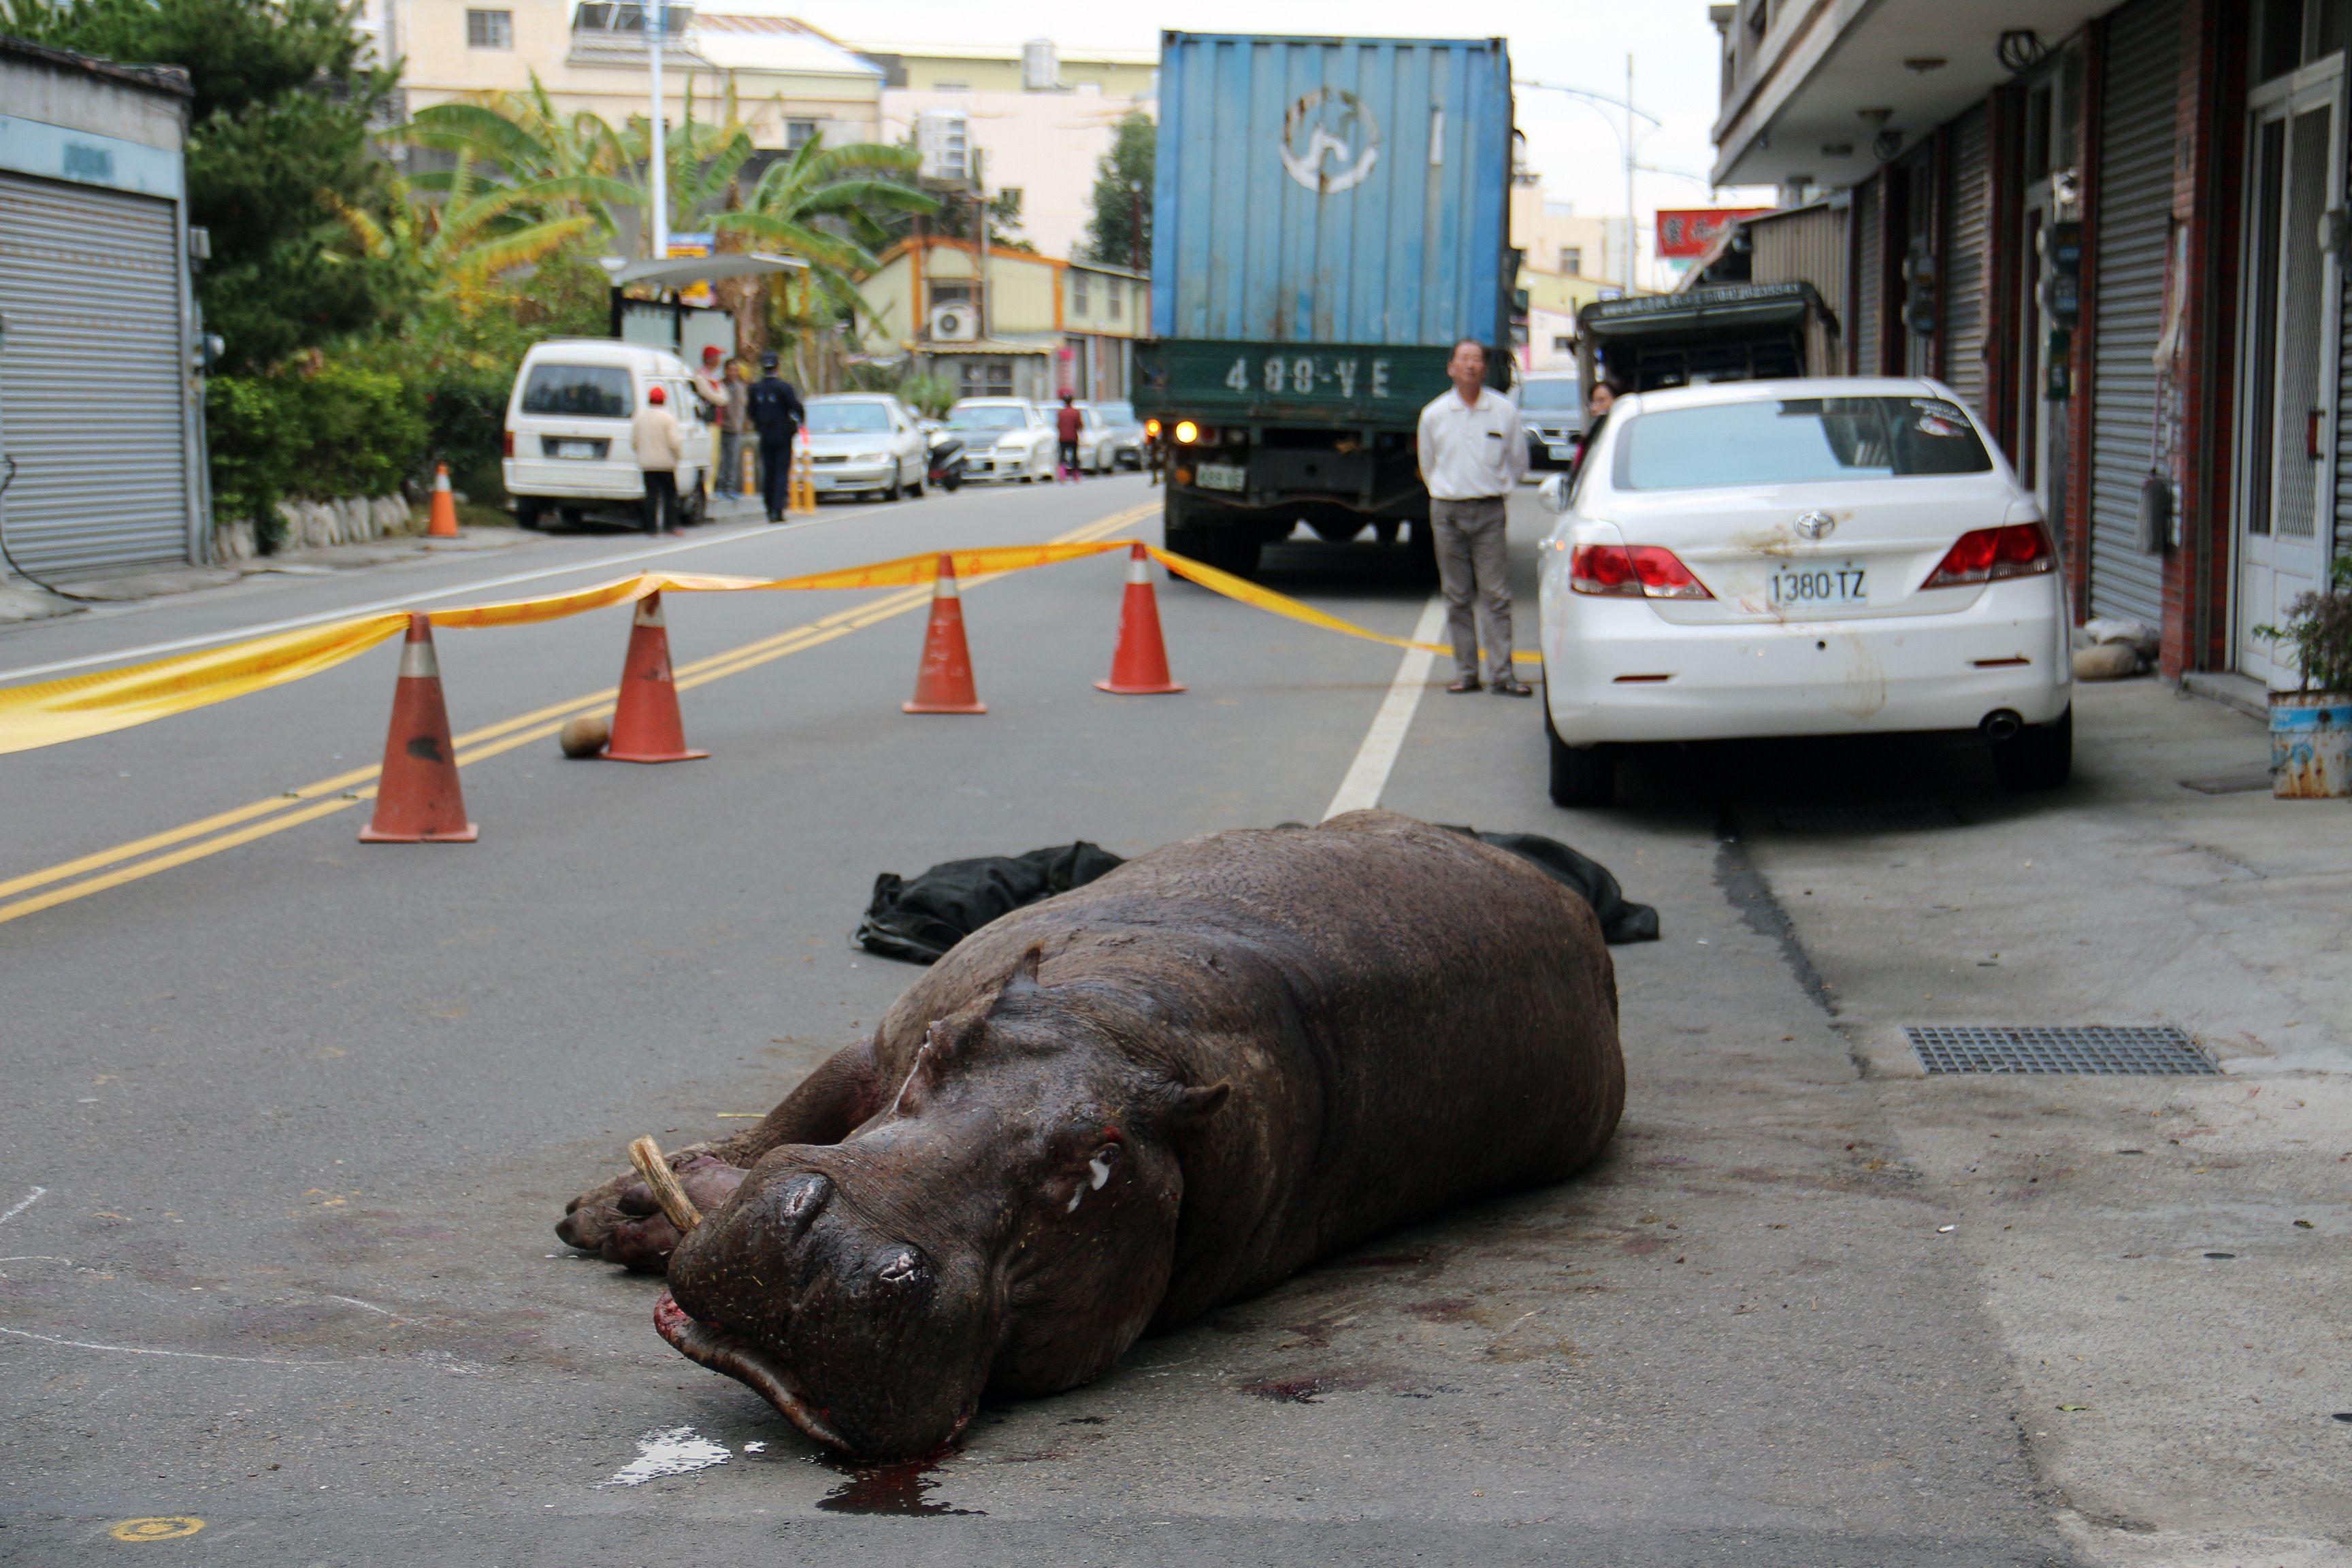 Povestea trista a lui Ah-he. Un hipopotam a murit dupa ce a sarit dintr-un camion in miscare, in Taiwan. VIDEO